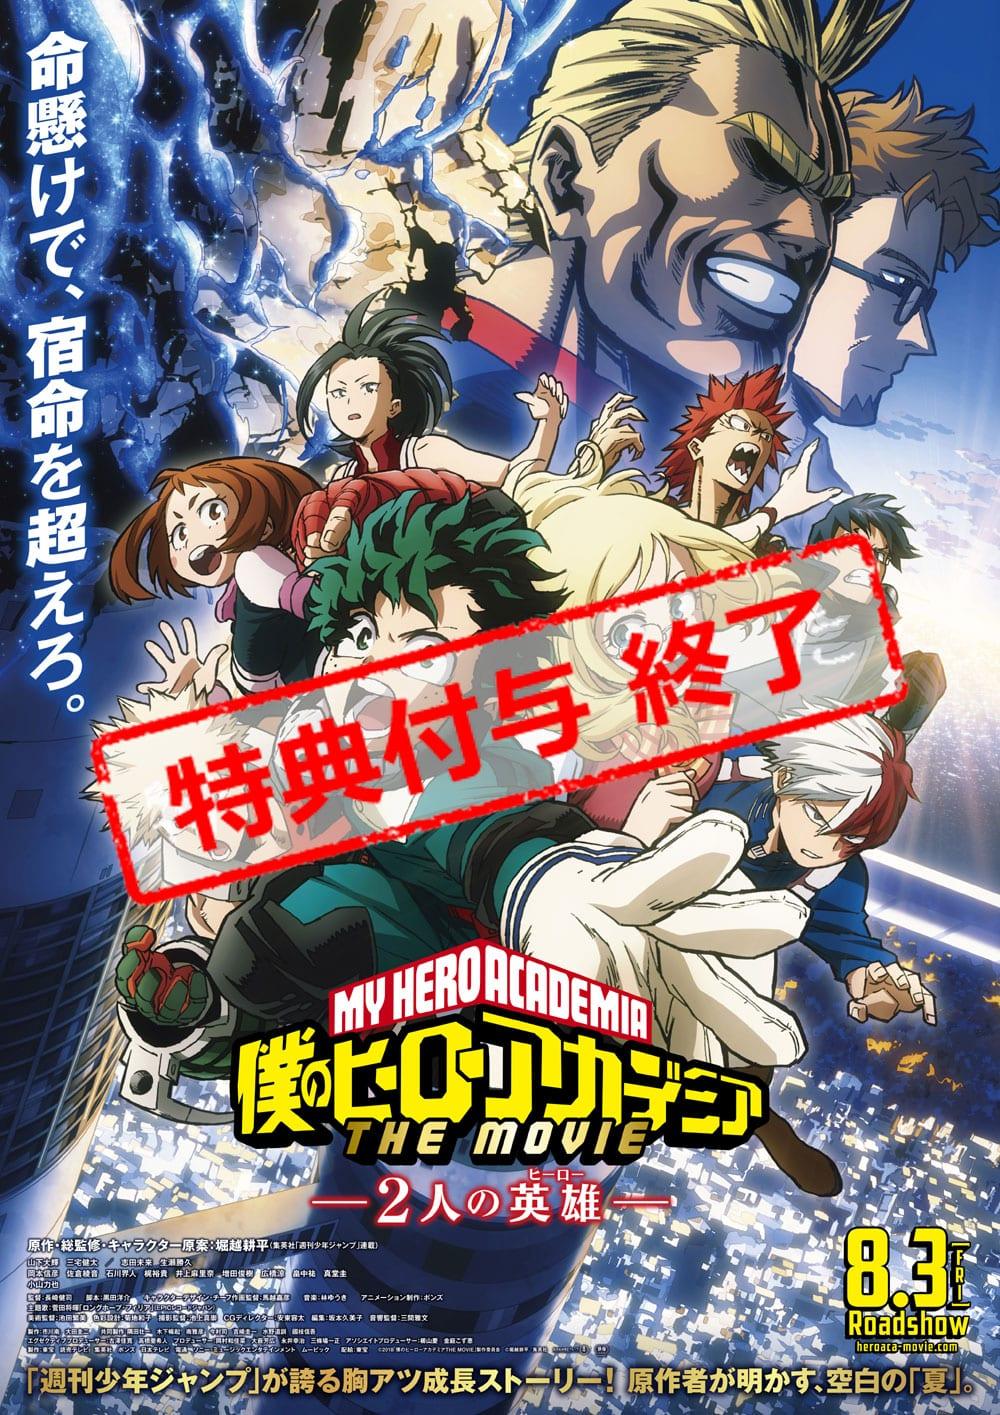 僕のヒーローアカデミア THE MOVIE 〜2人の英雄〜 Blu-ray 通常版